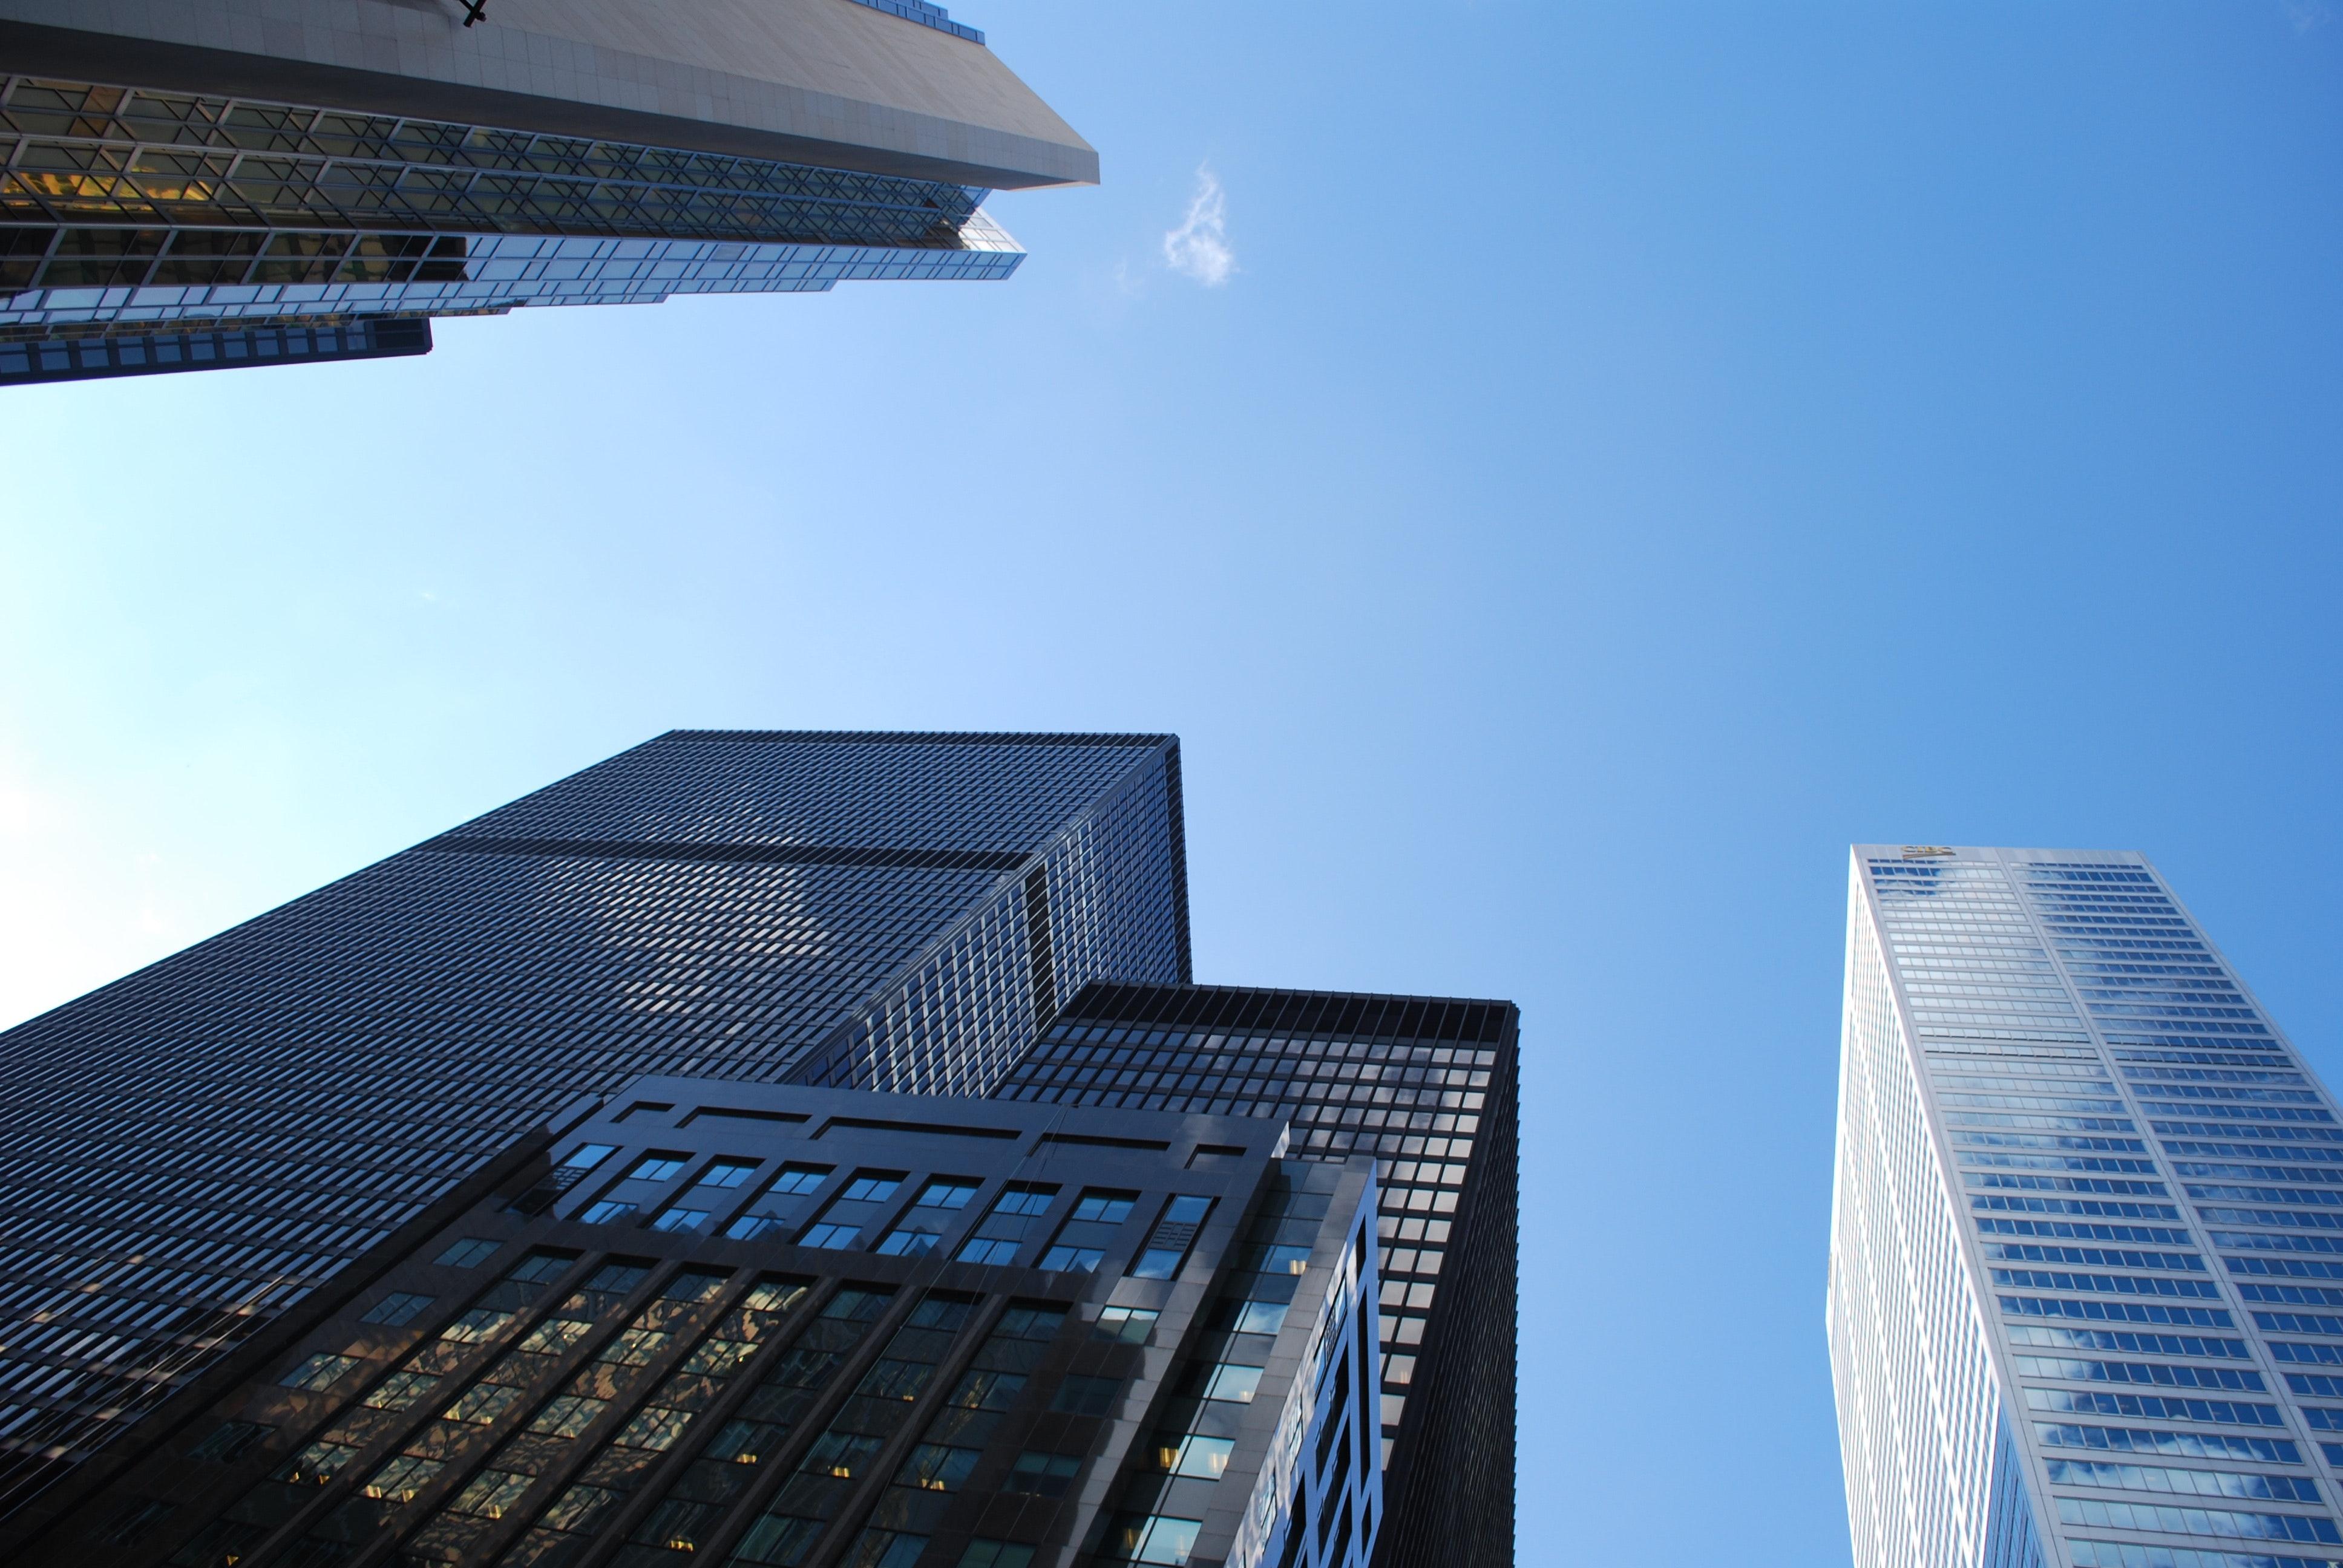 architectural-design-architecture-blue-sky-373584